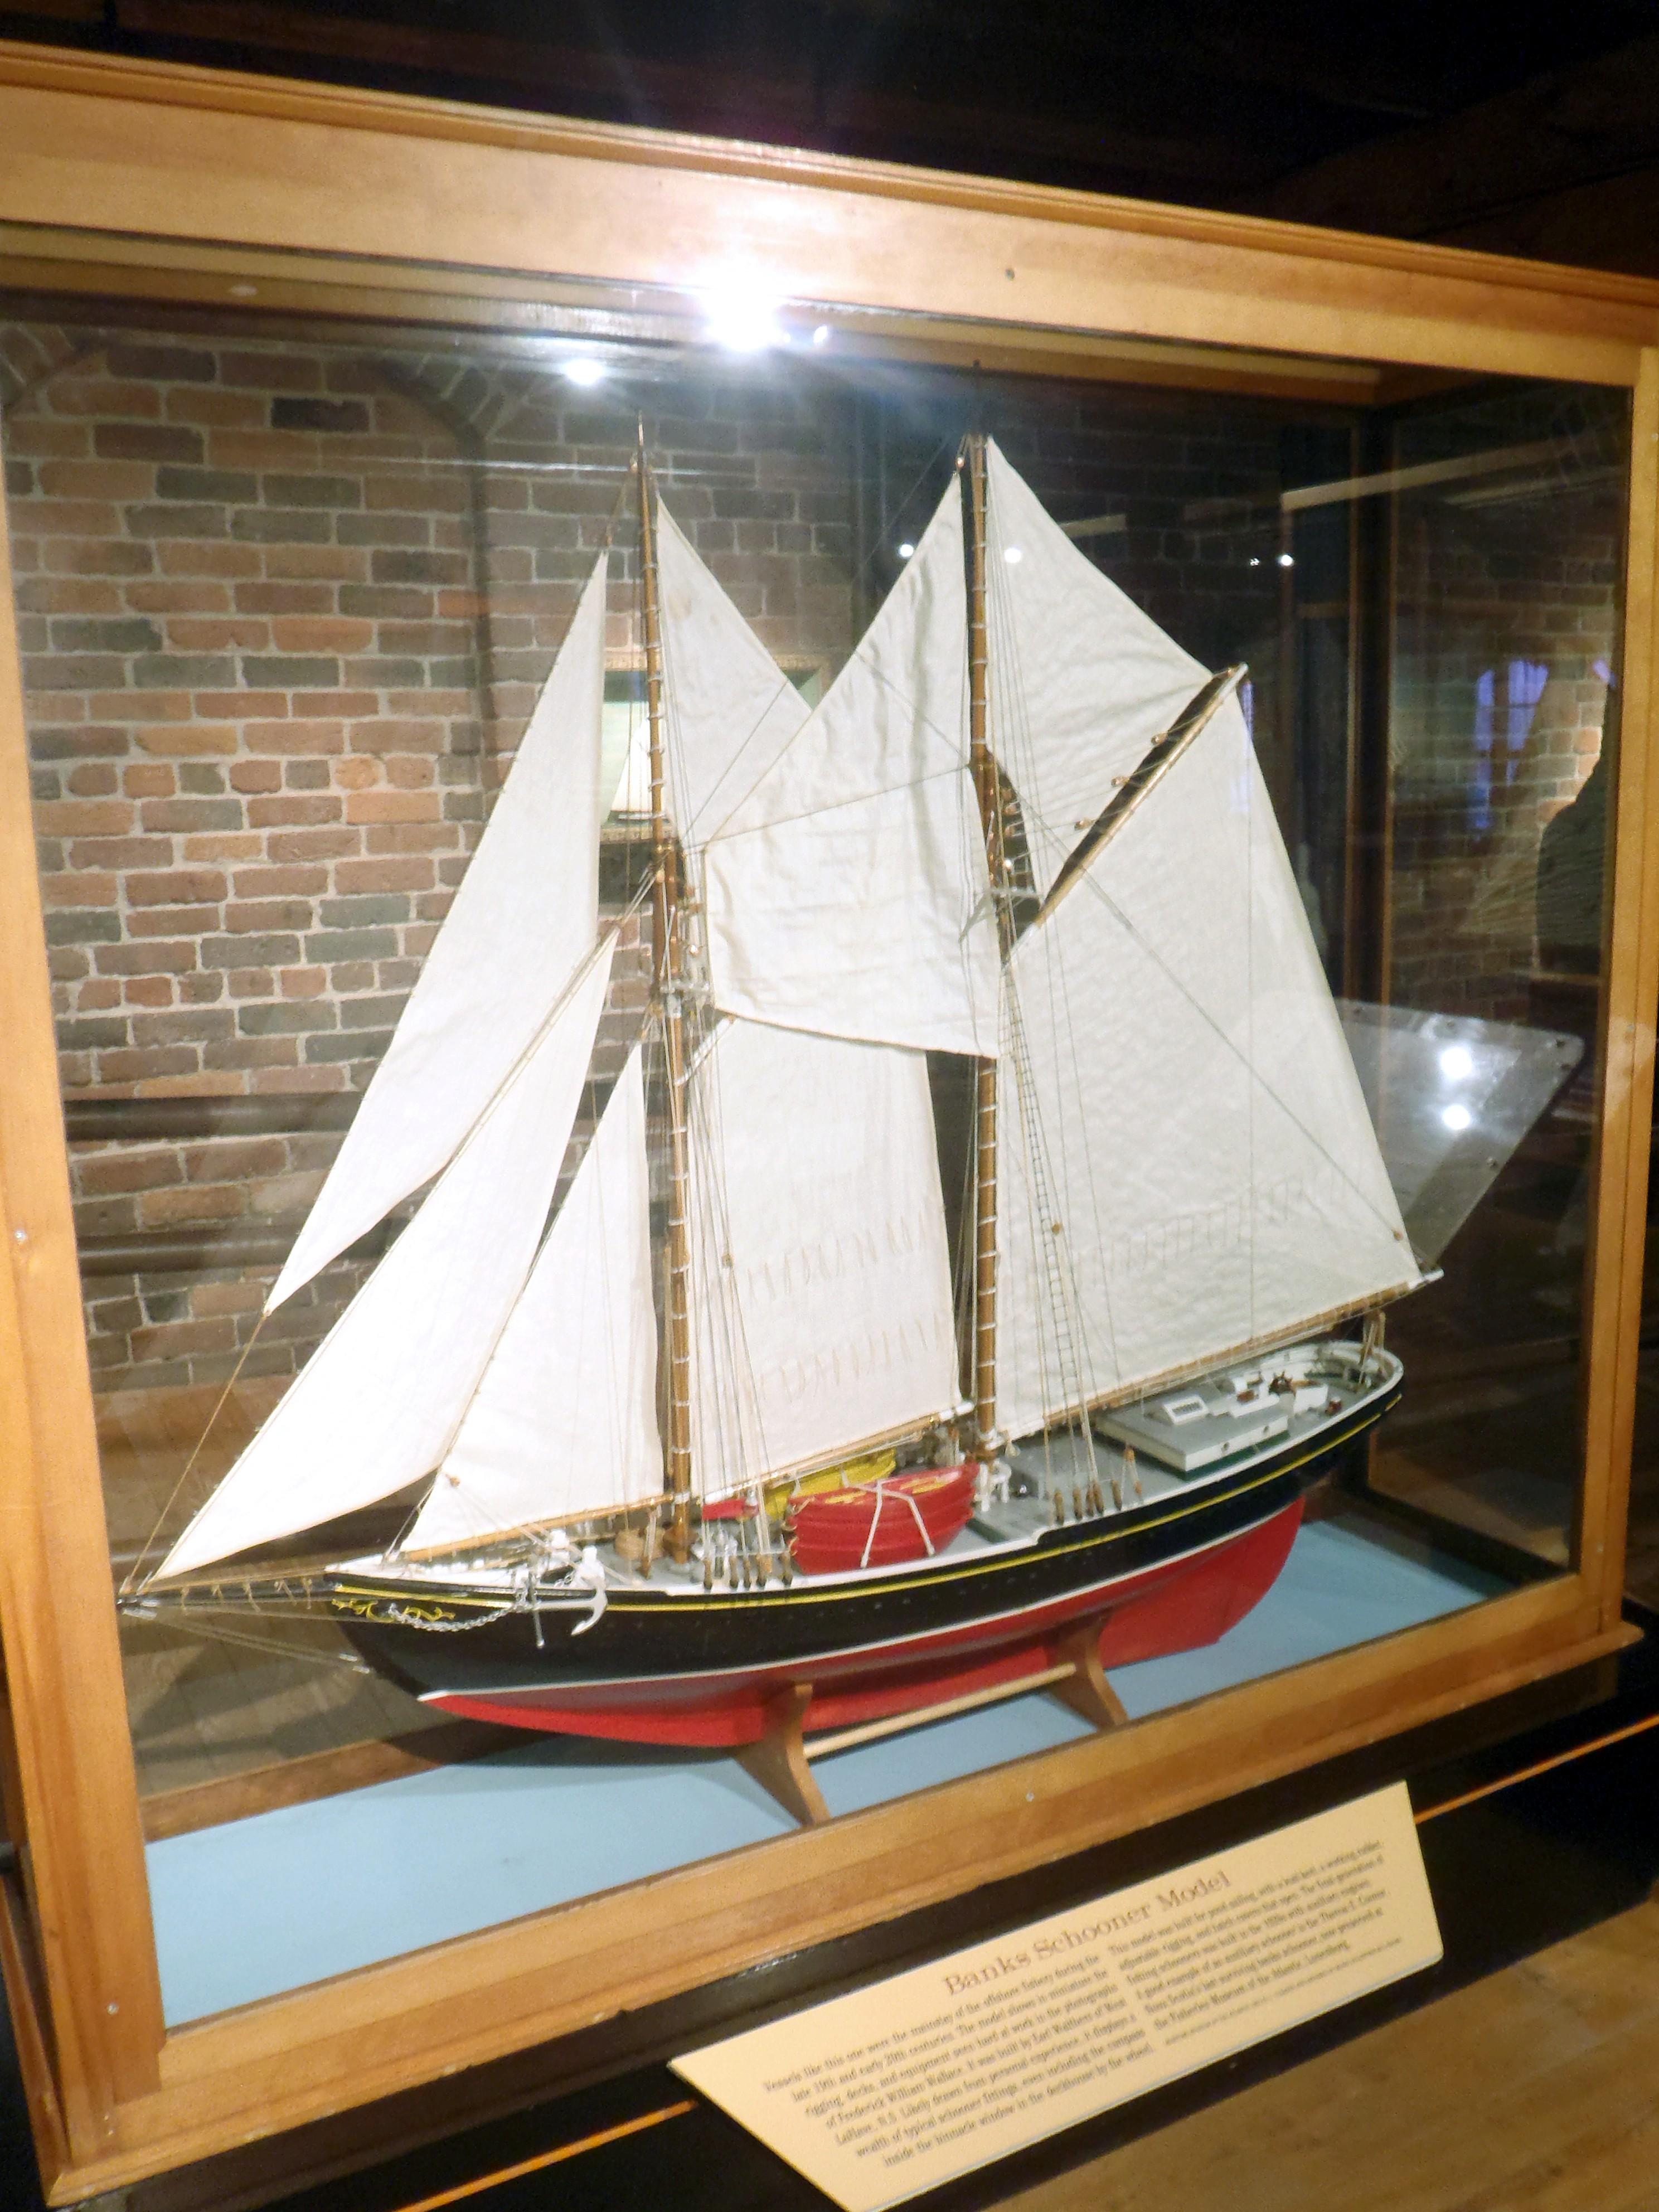 File Banks Schooner Model Maritime Museum Of The Atlantic Halifax Nova Scotia Canada Jpg